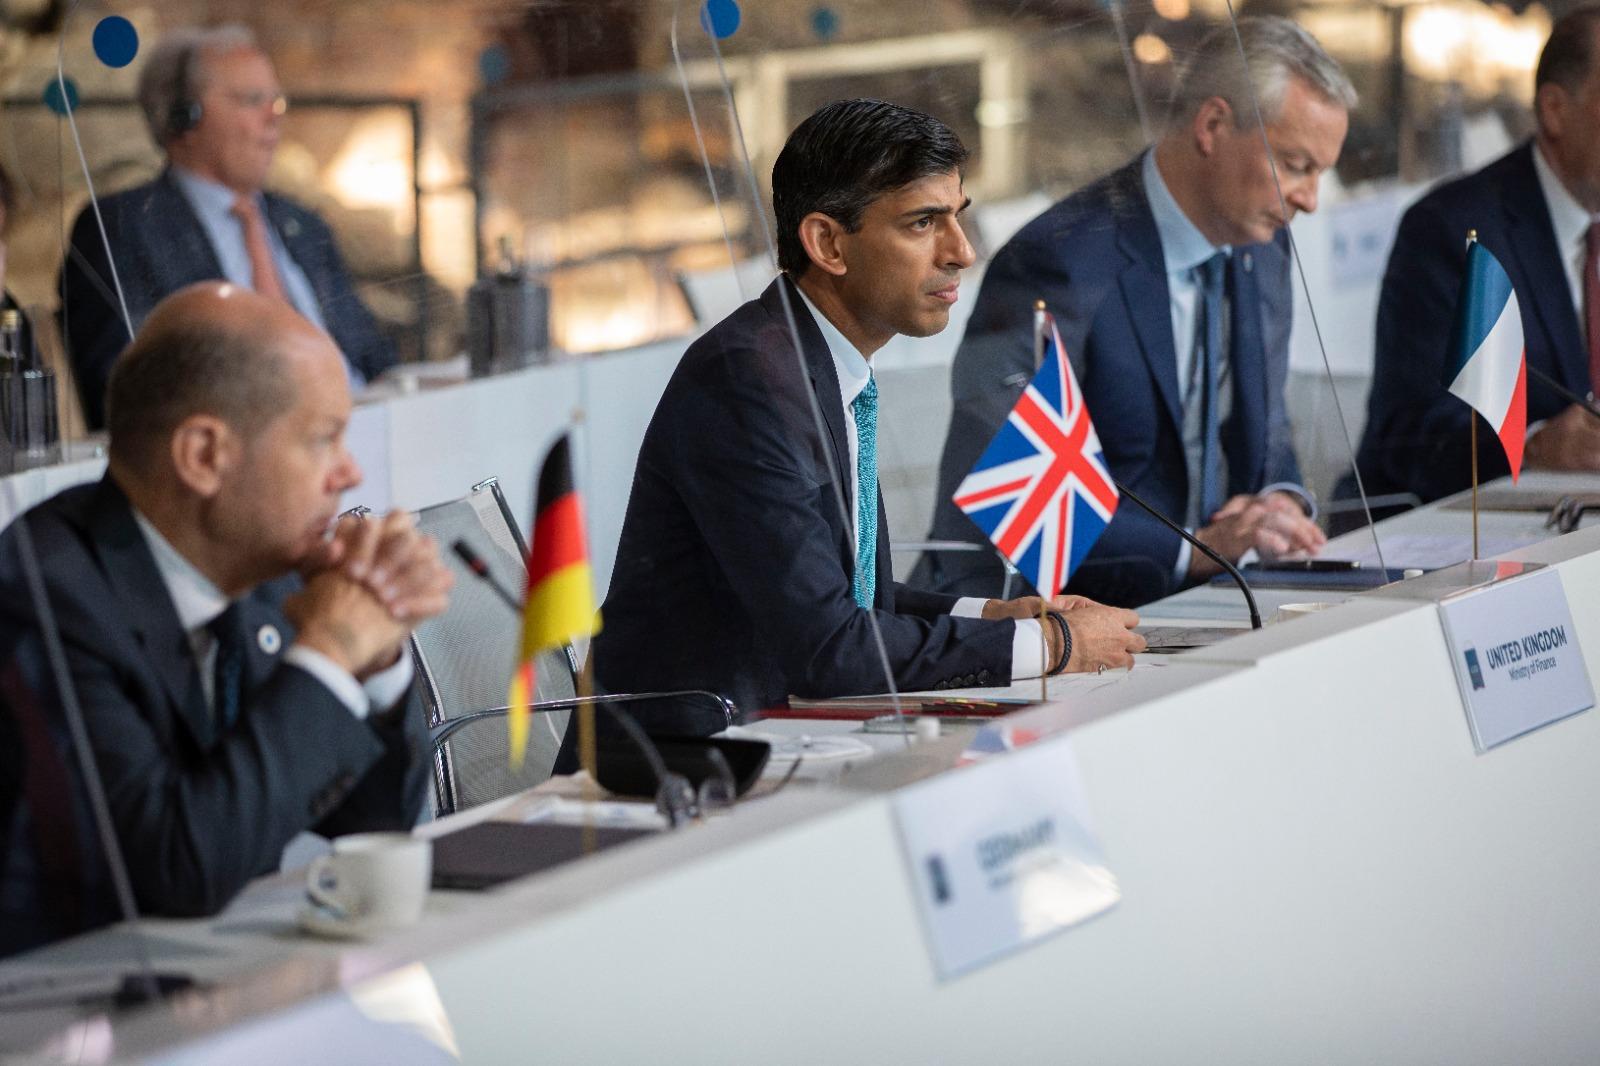 G-7 देशों ने तालिबान से नागरिकों की सुरक्षा सुनिश्चित करने की अपनी प्रतिबद्धता पर कायम रहने को कहा